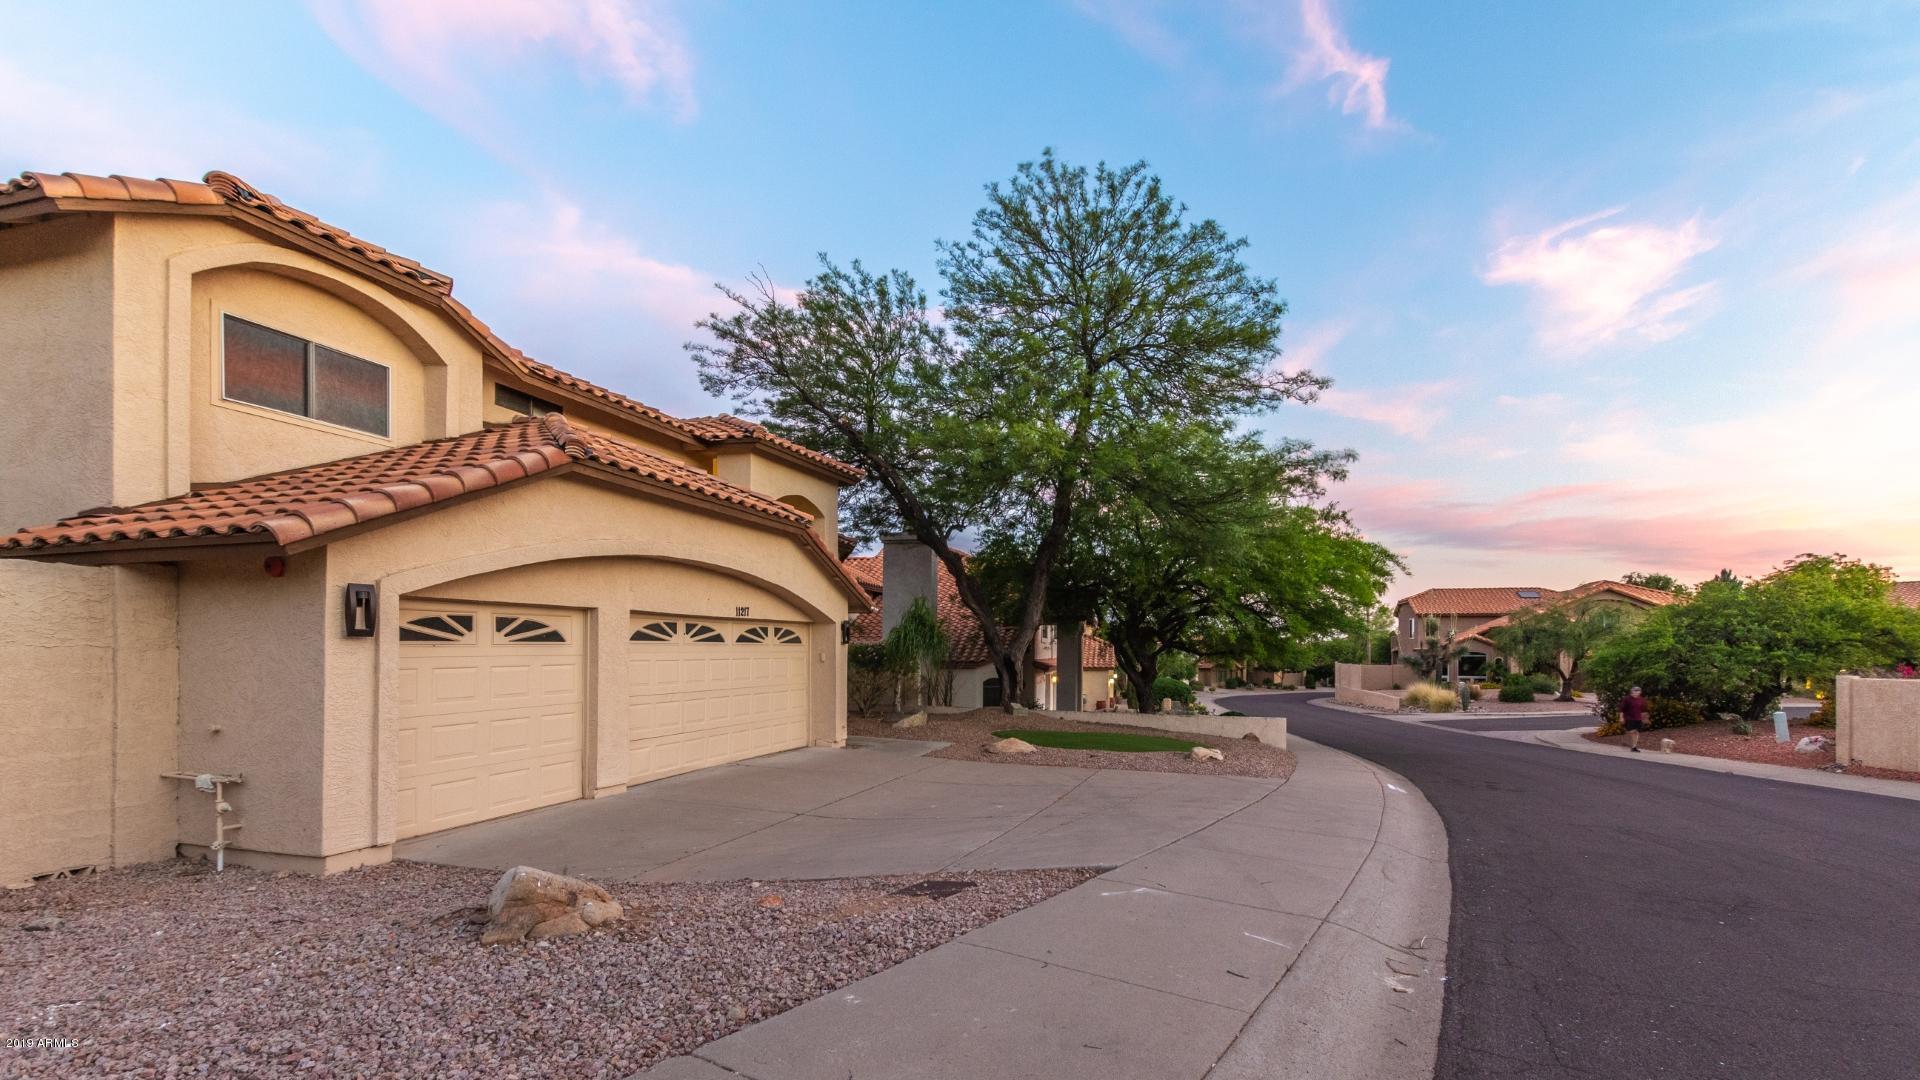 MLS 5938984 11217 N 129TH Way, Scottsdale, AZ 85259 Scottsdale AZ Private Pool